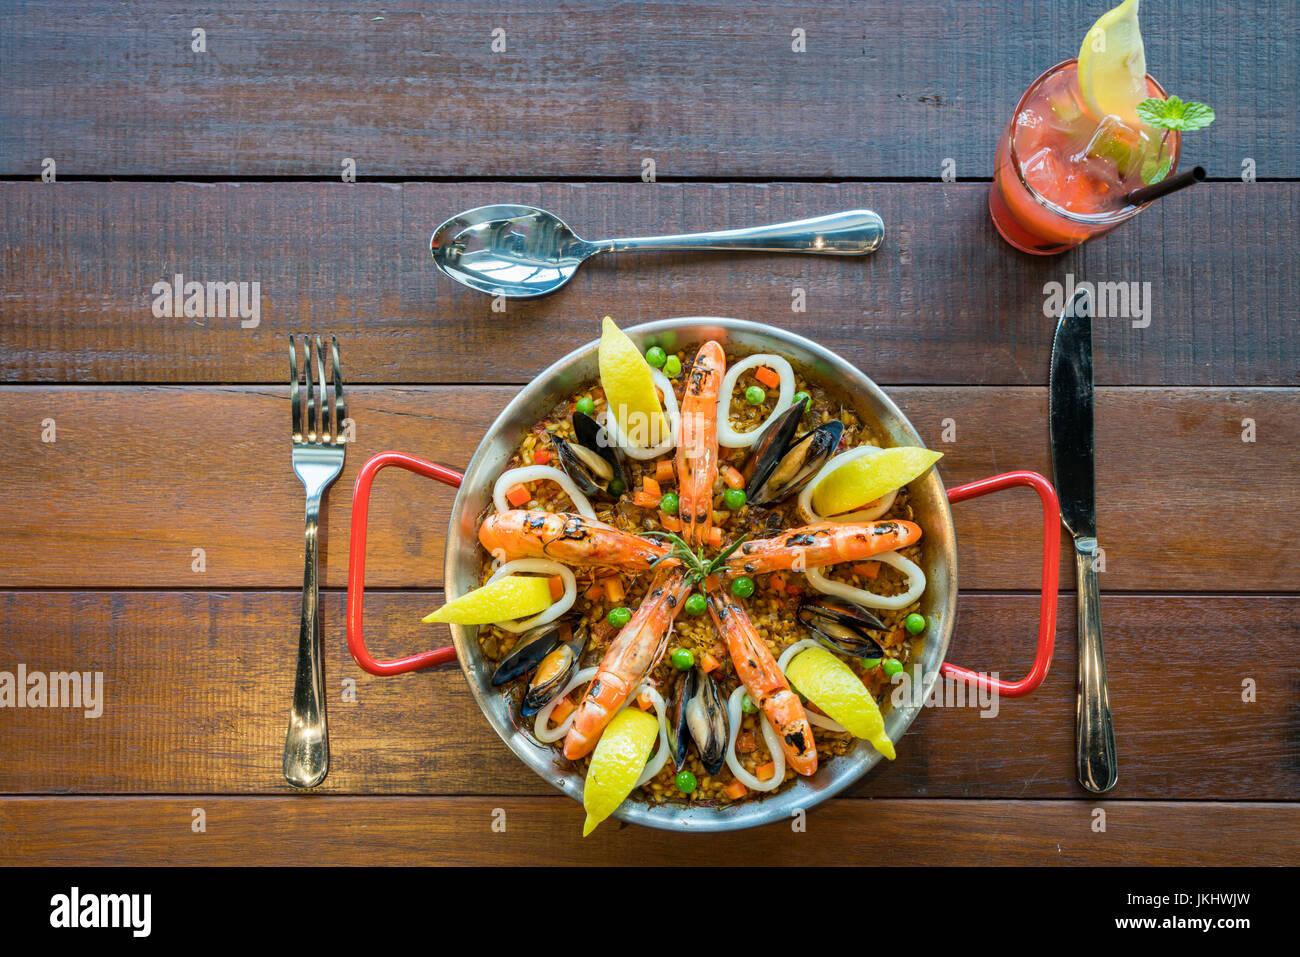 Paella de marisco con verduras y azafrán servido en el tradicional pan vista desde arriba. Foto de stock